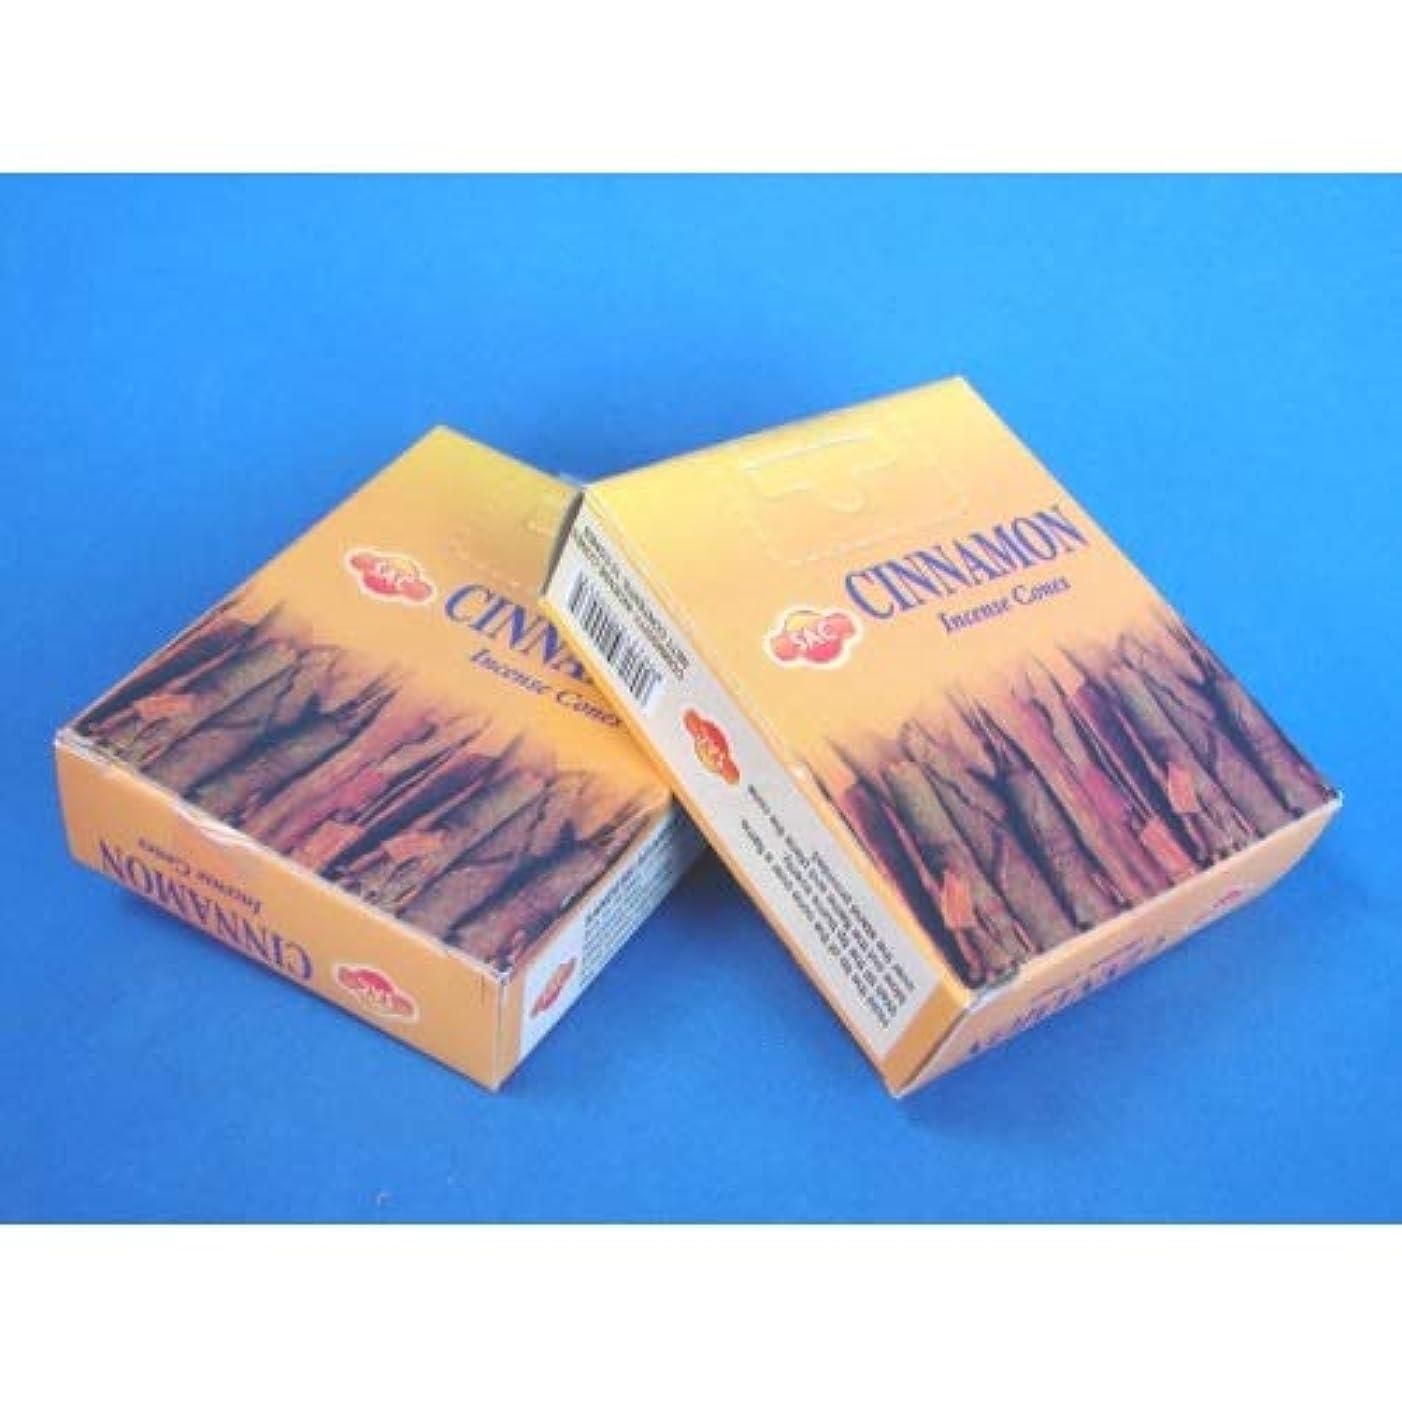 インスタンス親愛な疑い者2 Boxes of Cinnamon Incense Cones